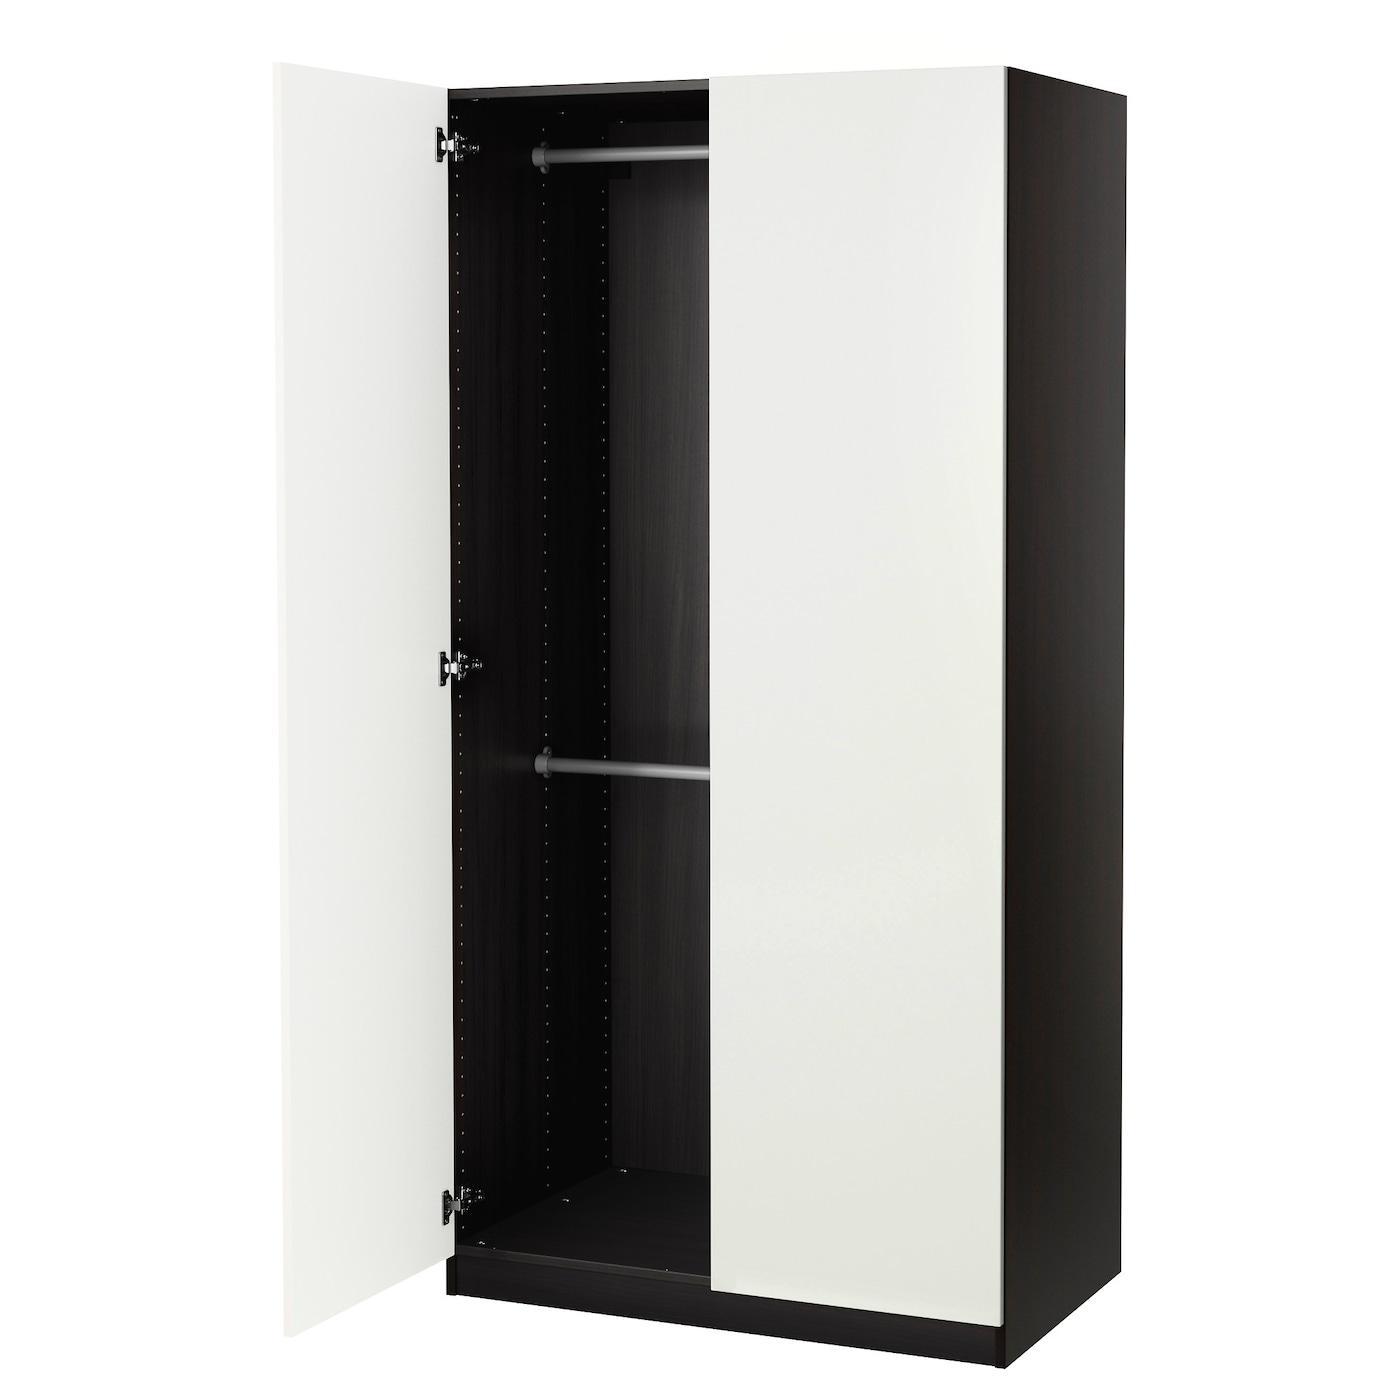 Wardrobe Combinations With Doors Ikea # Muebles Birkeland Ikea